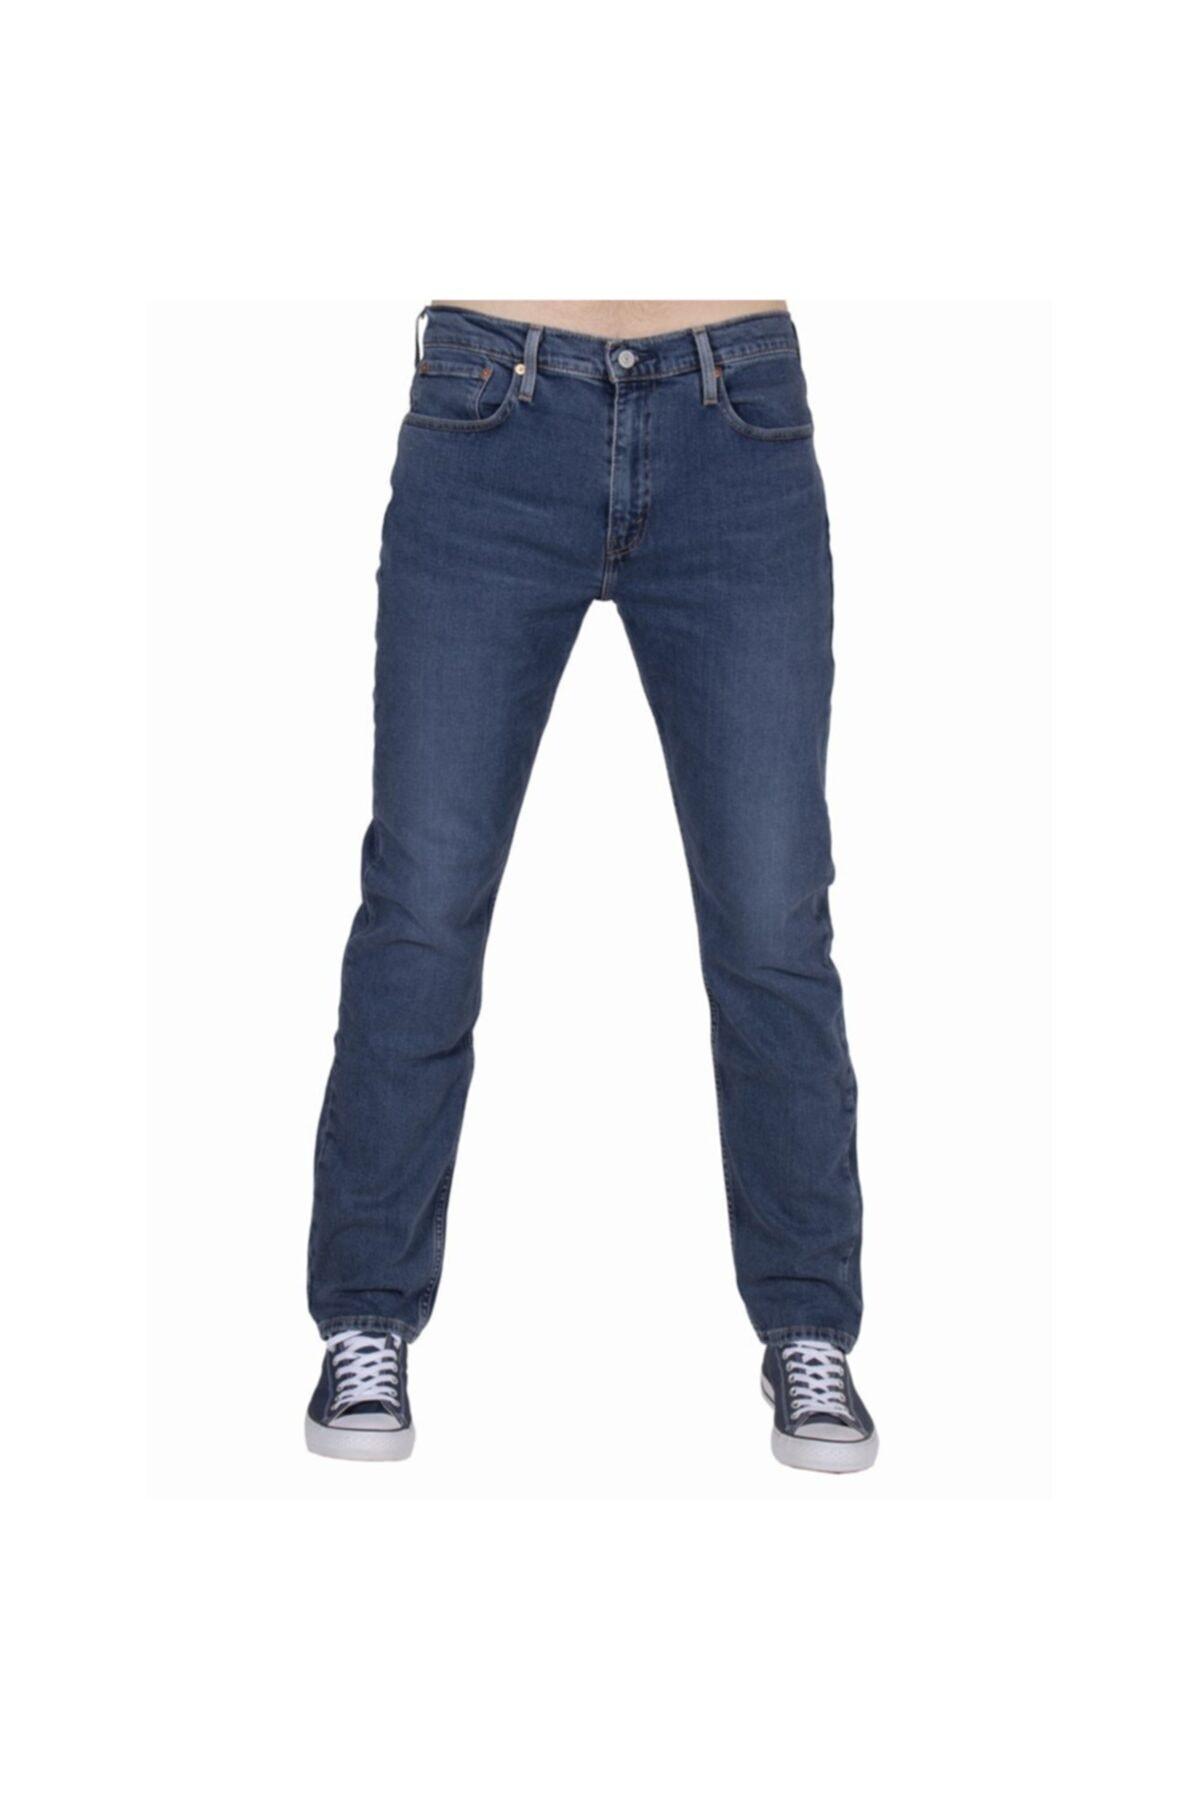 Erkek Jean Pantolon 502 Regular Taper 29507-0935